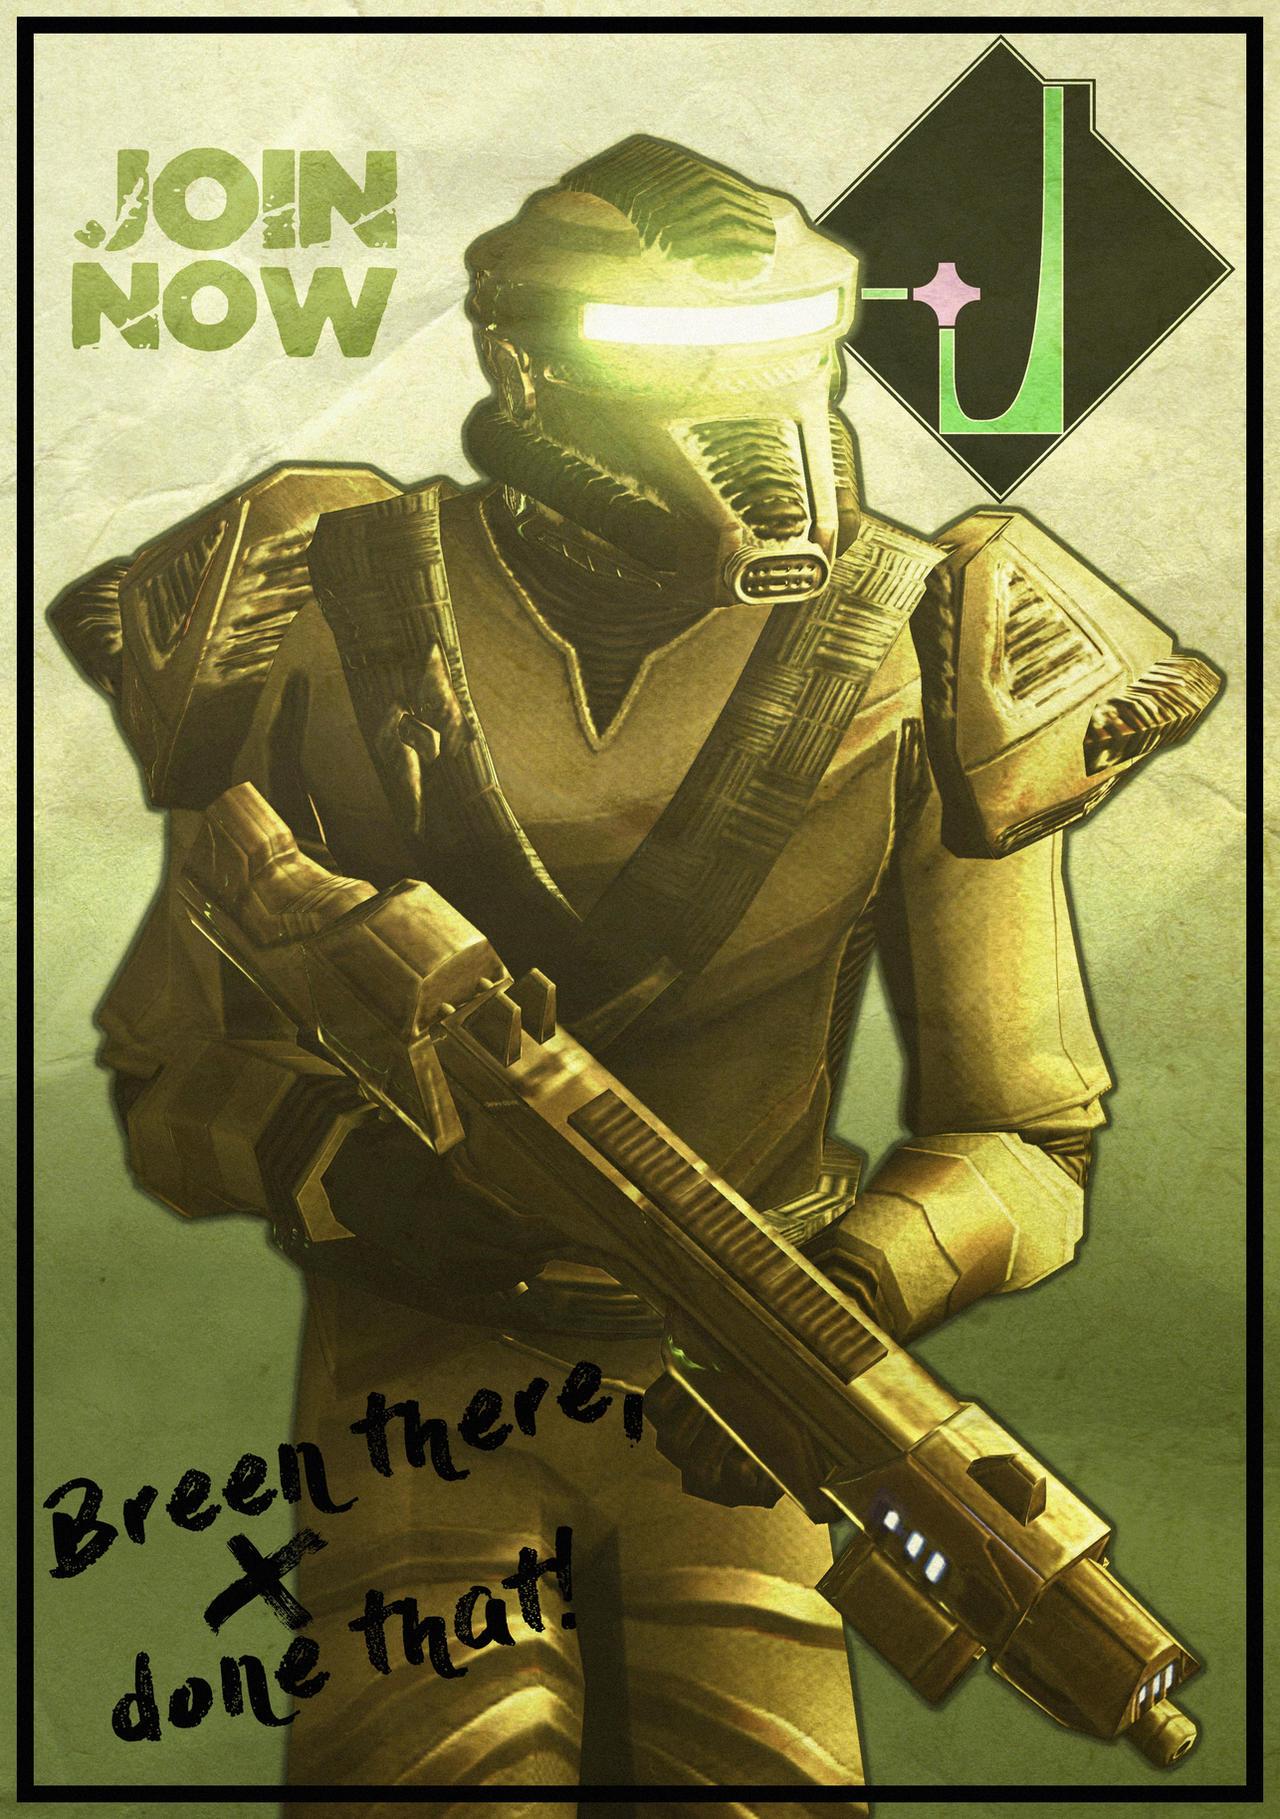 Dominion Propaganda Poster (Breen)